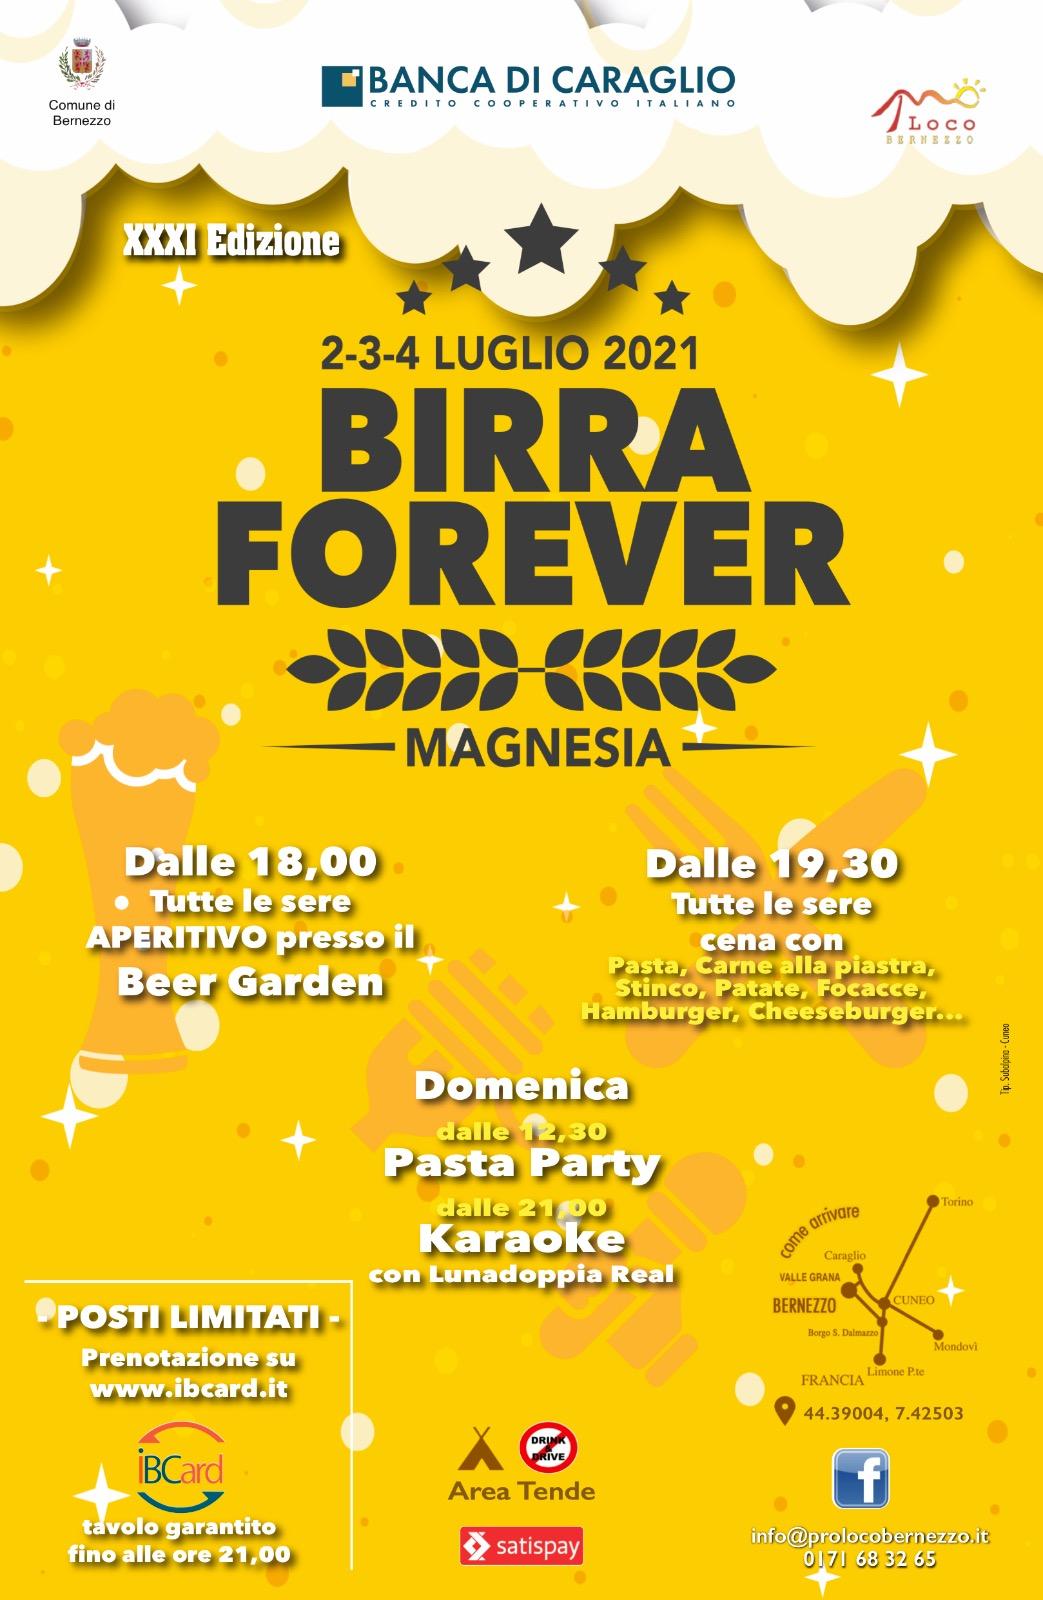 02 BIRRA FOREVER - MAGNESIA